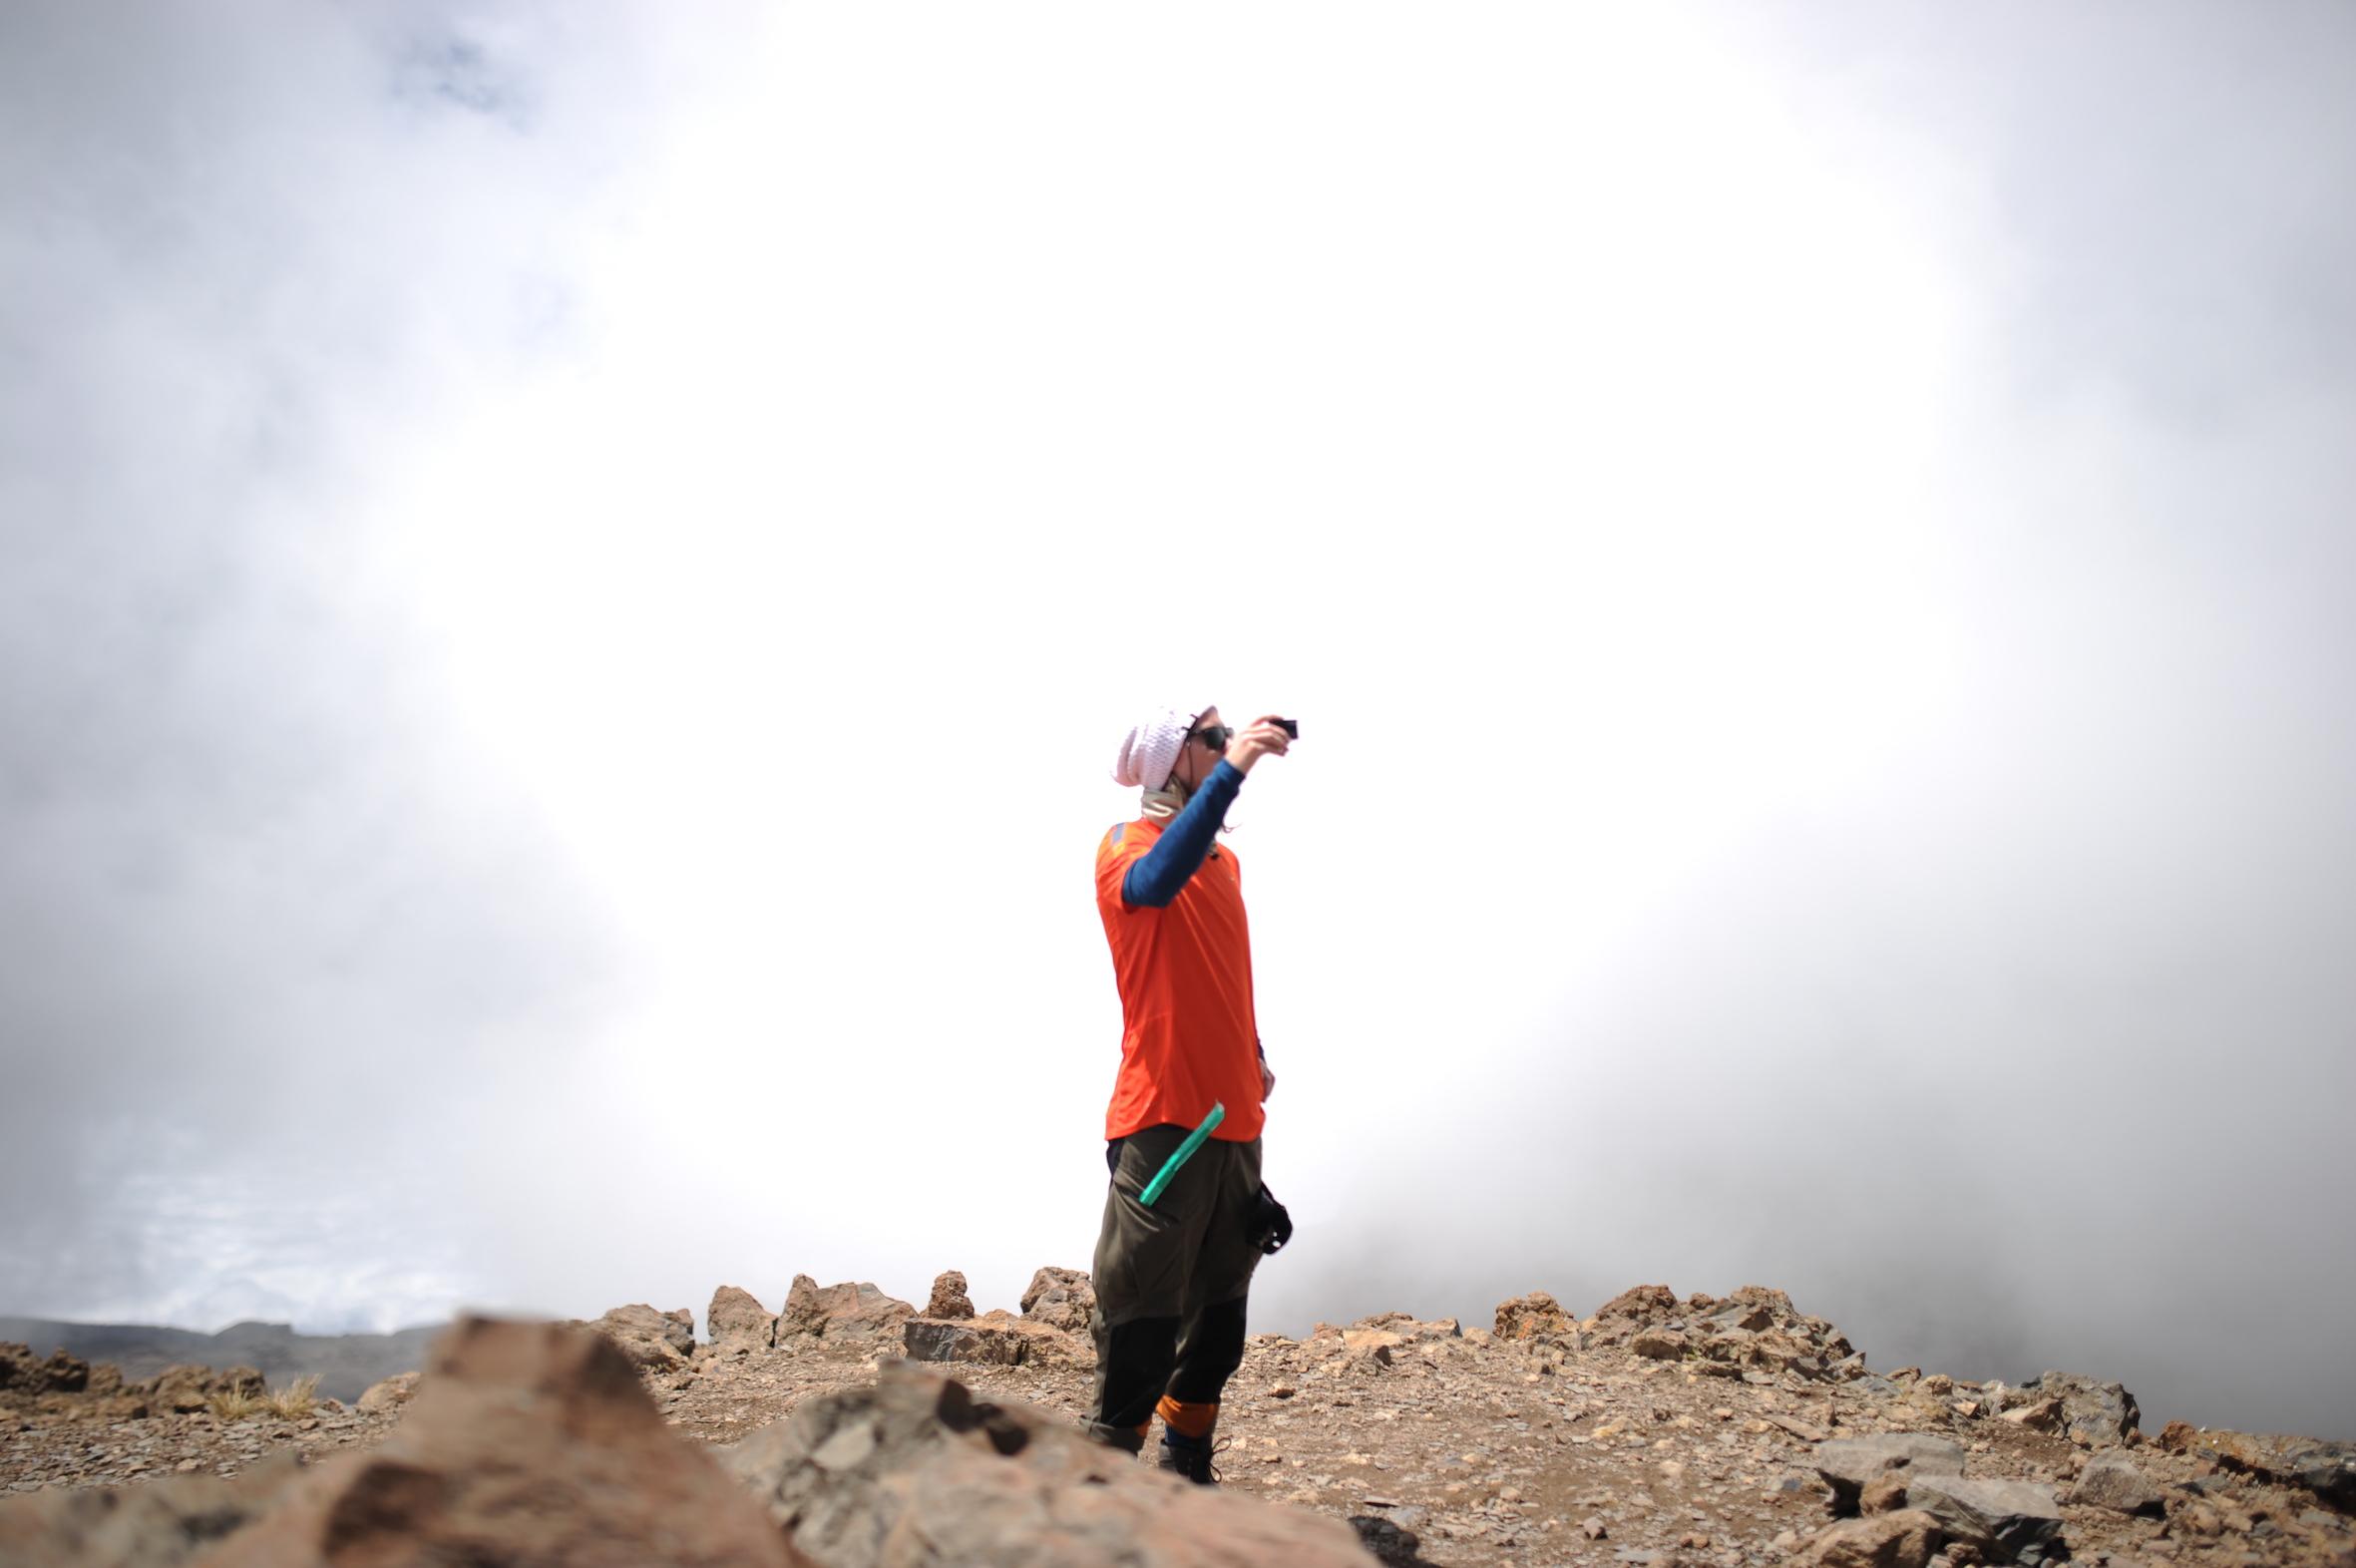 kilimanjaro-ovanfor-molnen